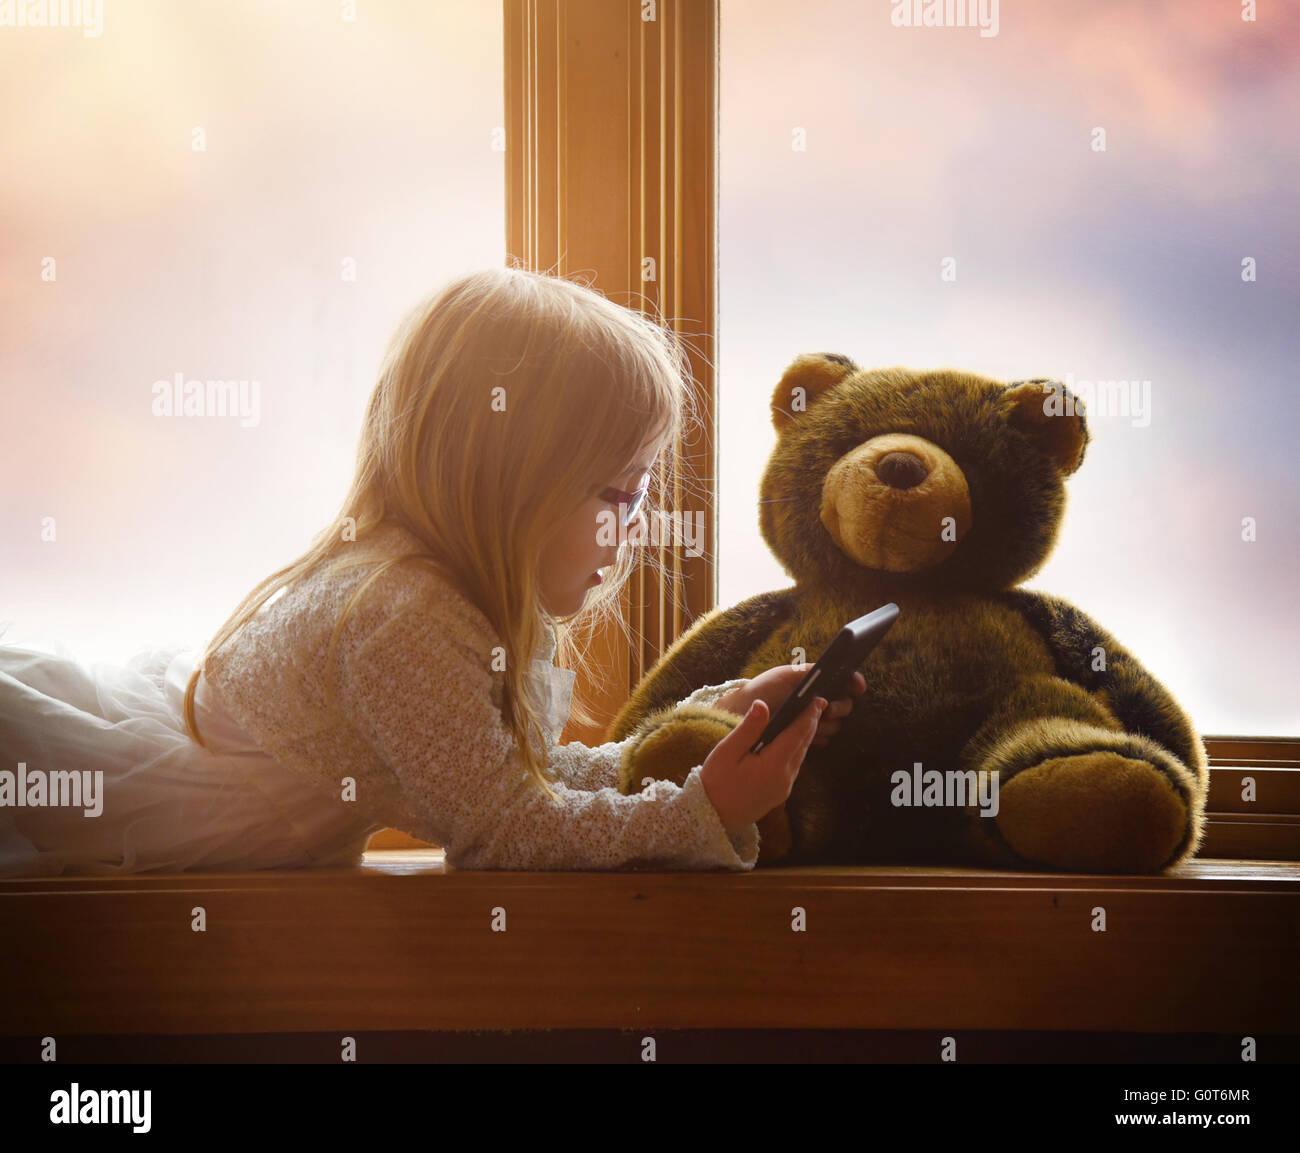 Un petit enfant joue avec une tablette électronique dans une fenêtre avec son ours en peluche pour un Photo Stock